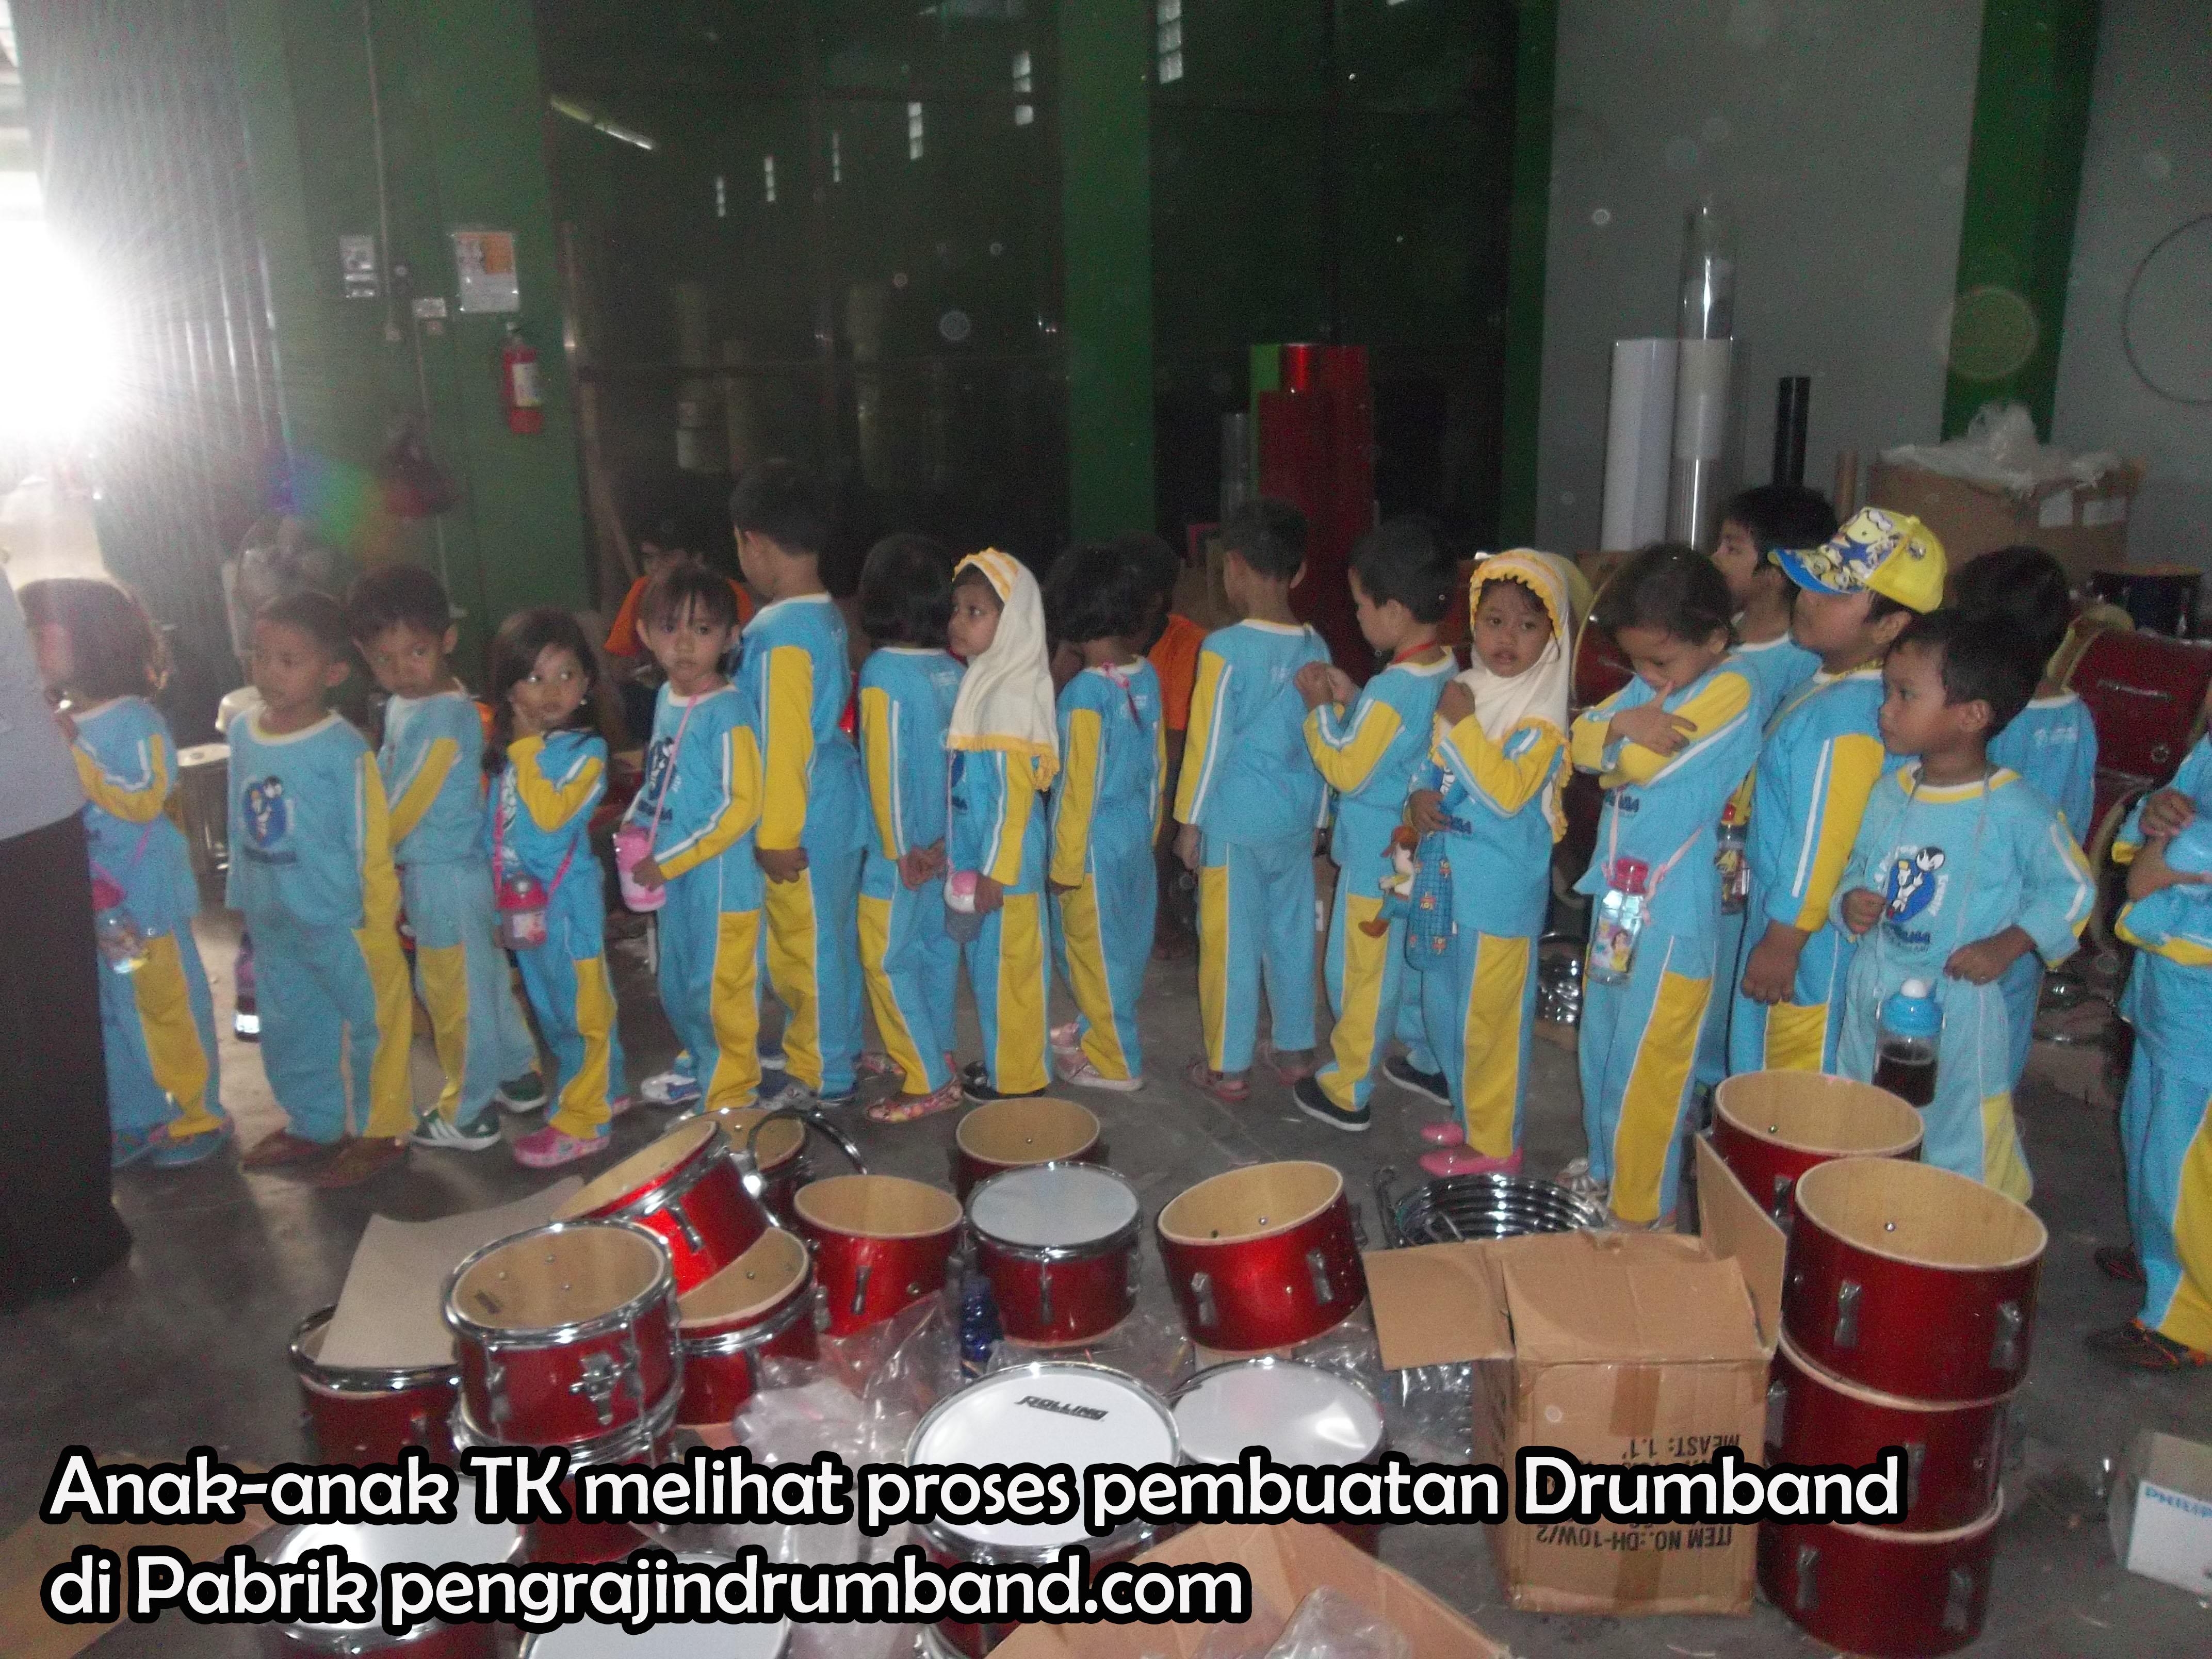 Jual seragam drumband